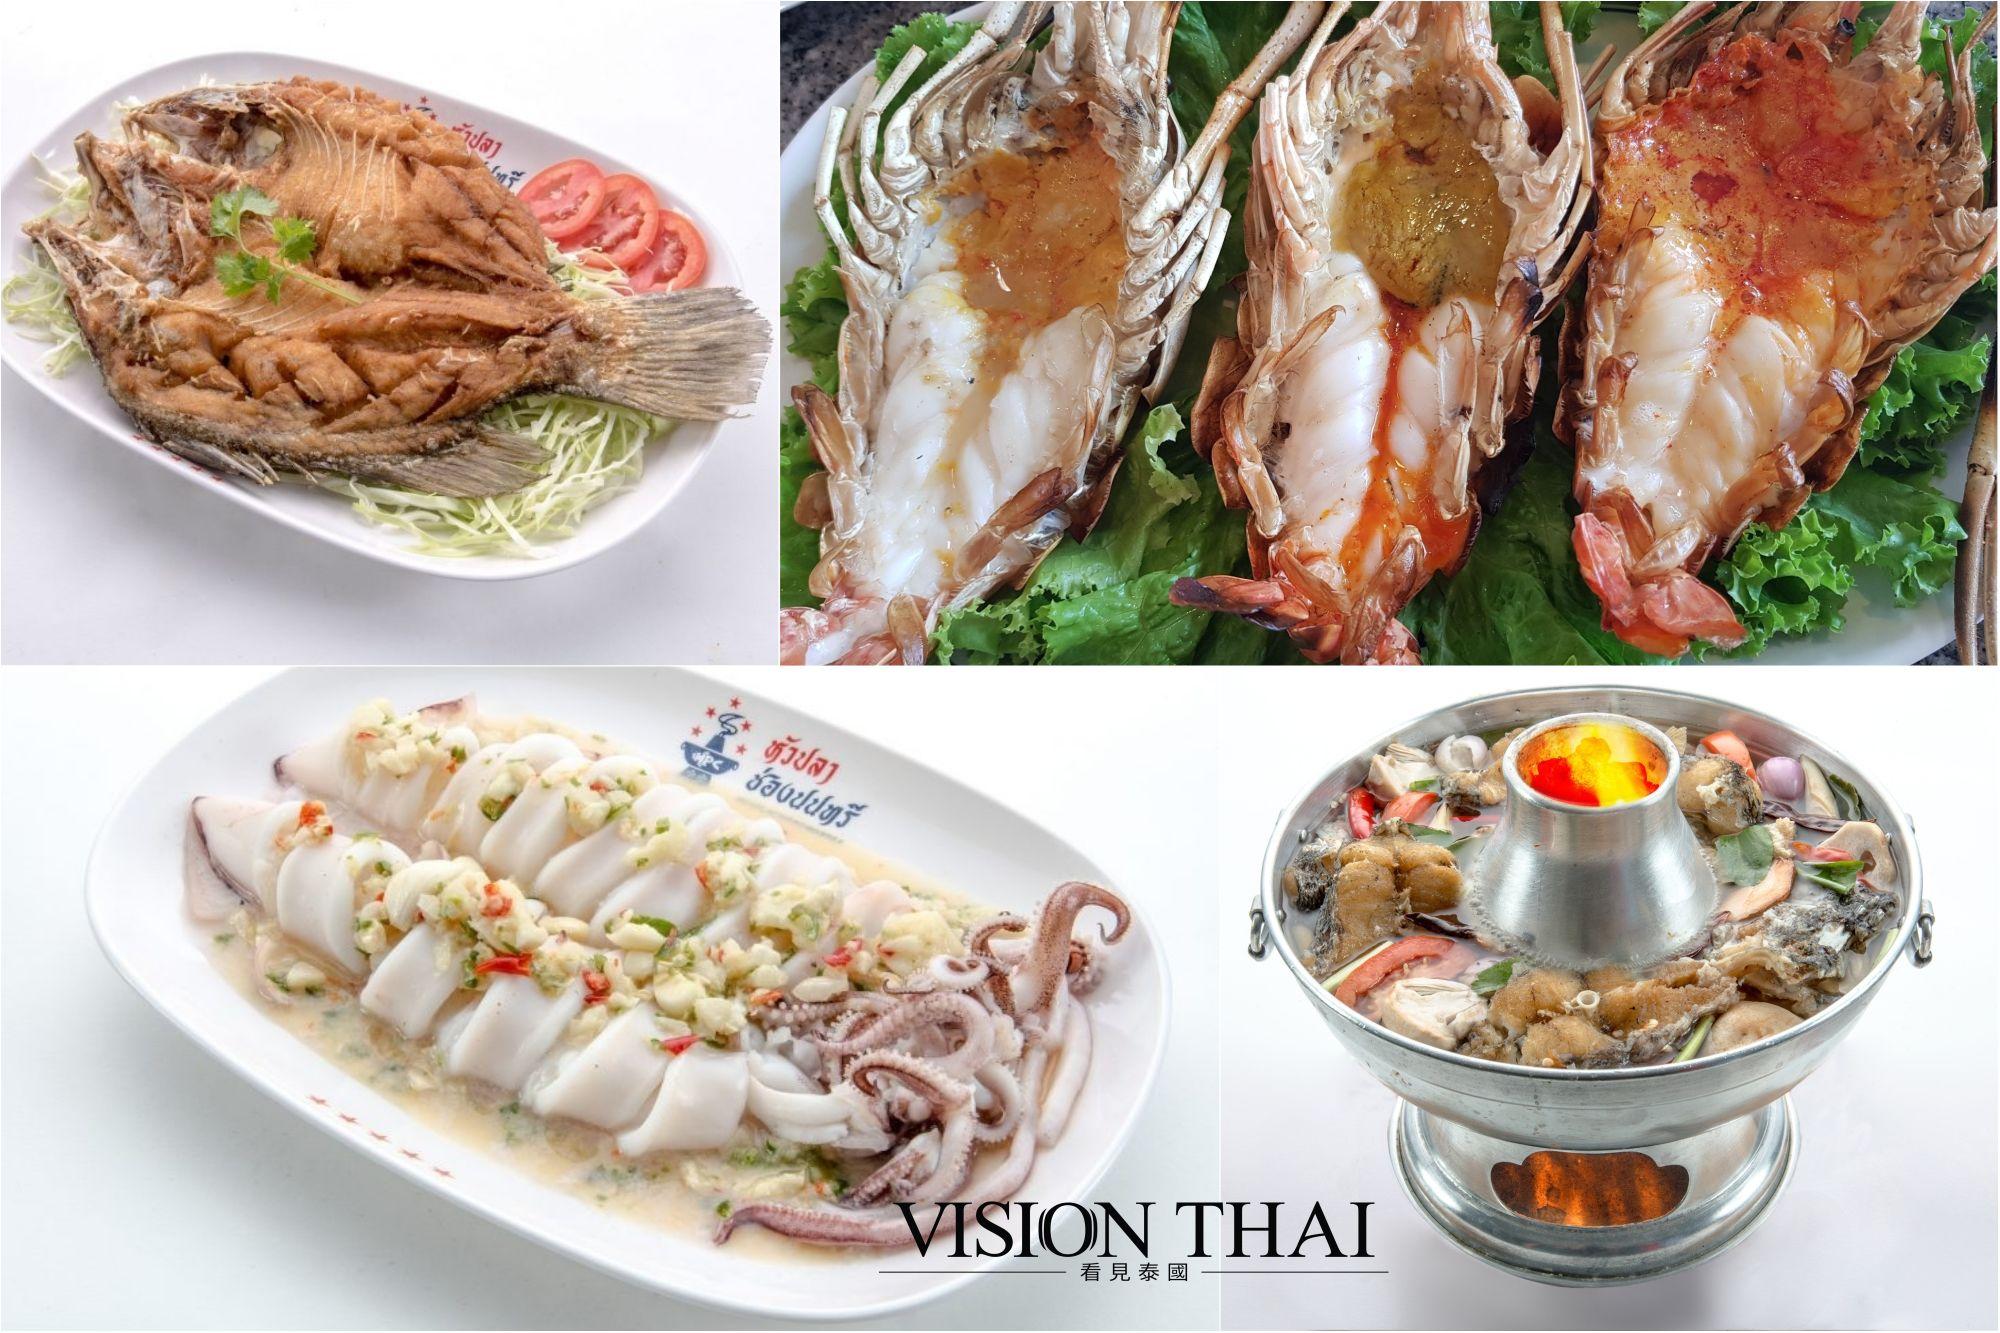 泰國魚頭爐 泰國蝦 泰國海鮮 泰國美食 泰國餐廳